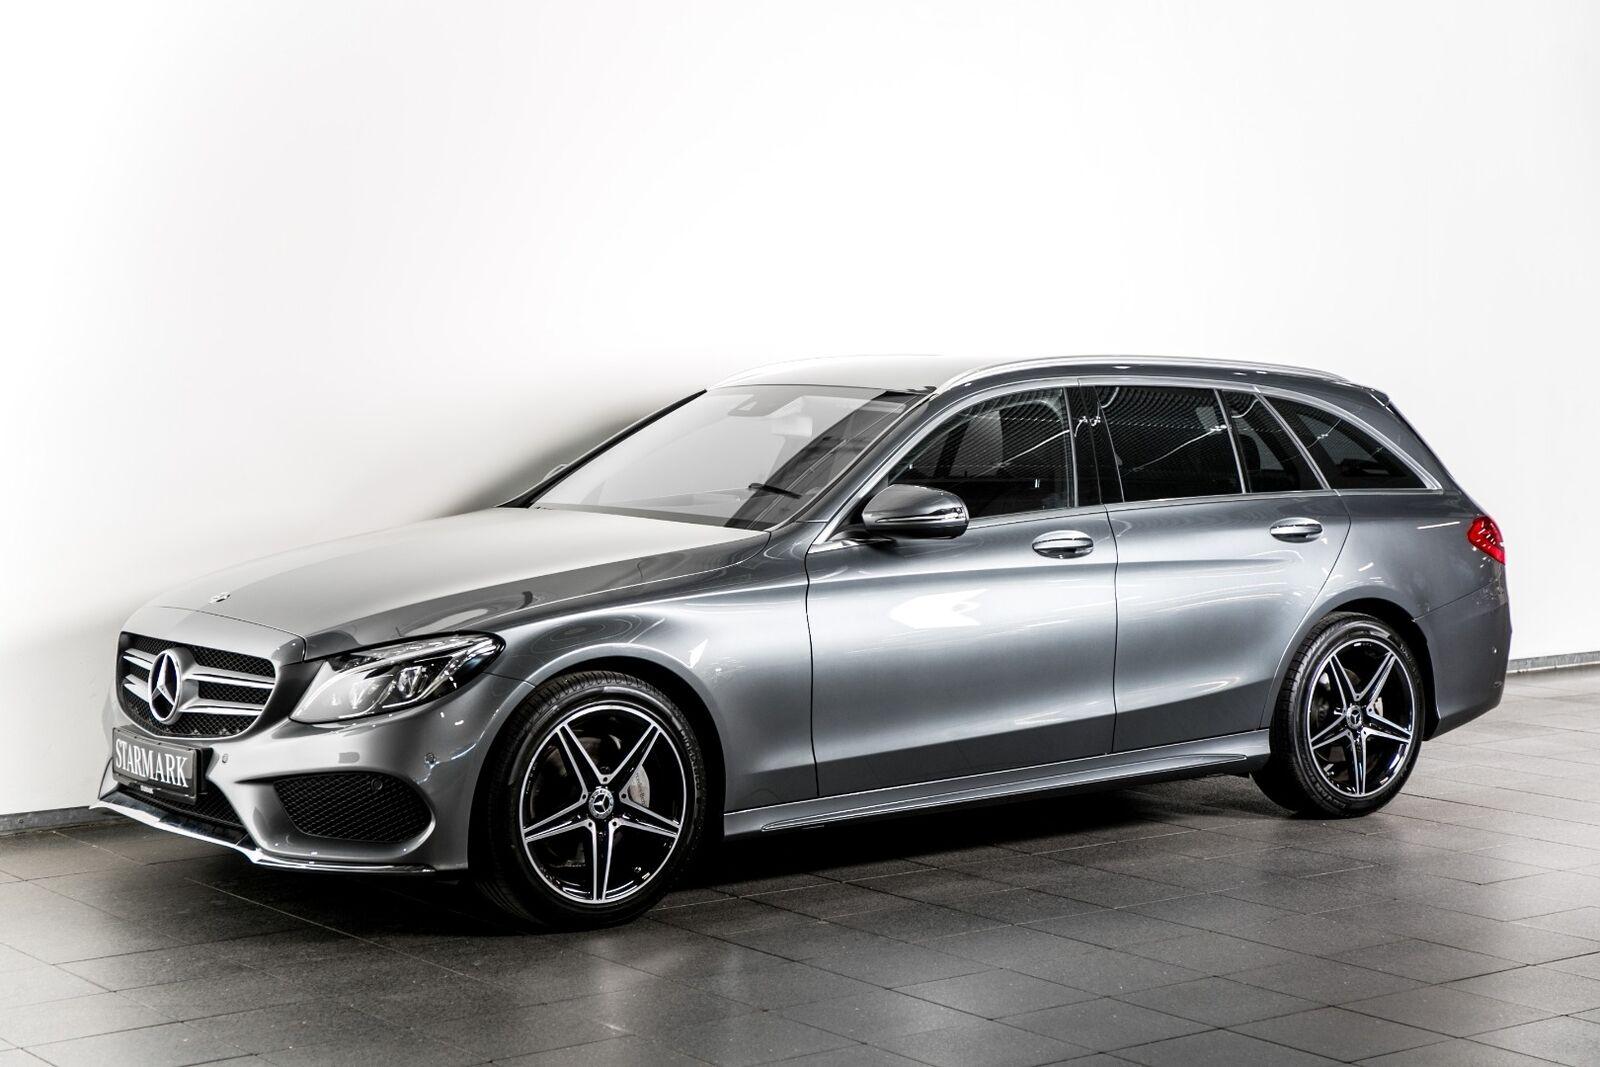 Mercedes C200 2,0 Edition C stc. aut. 5d - 419.900 kr.